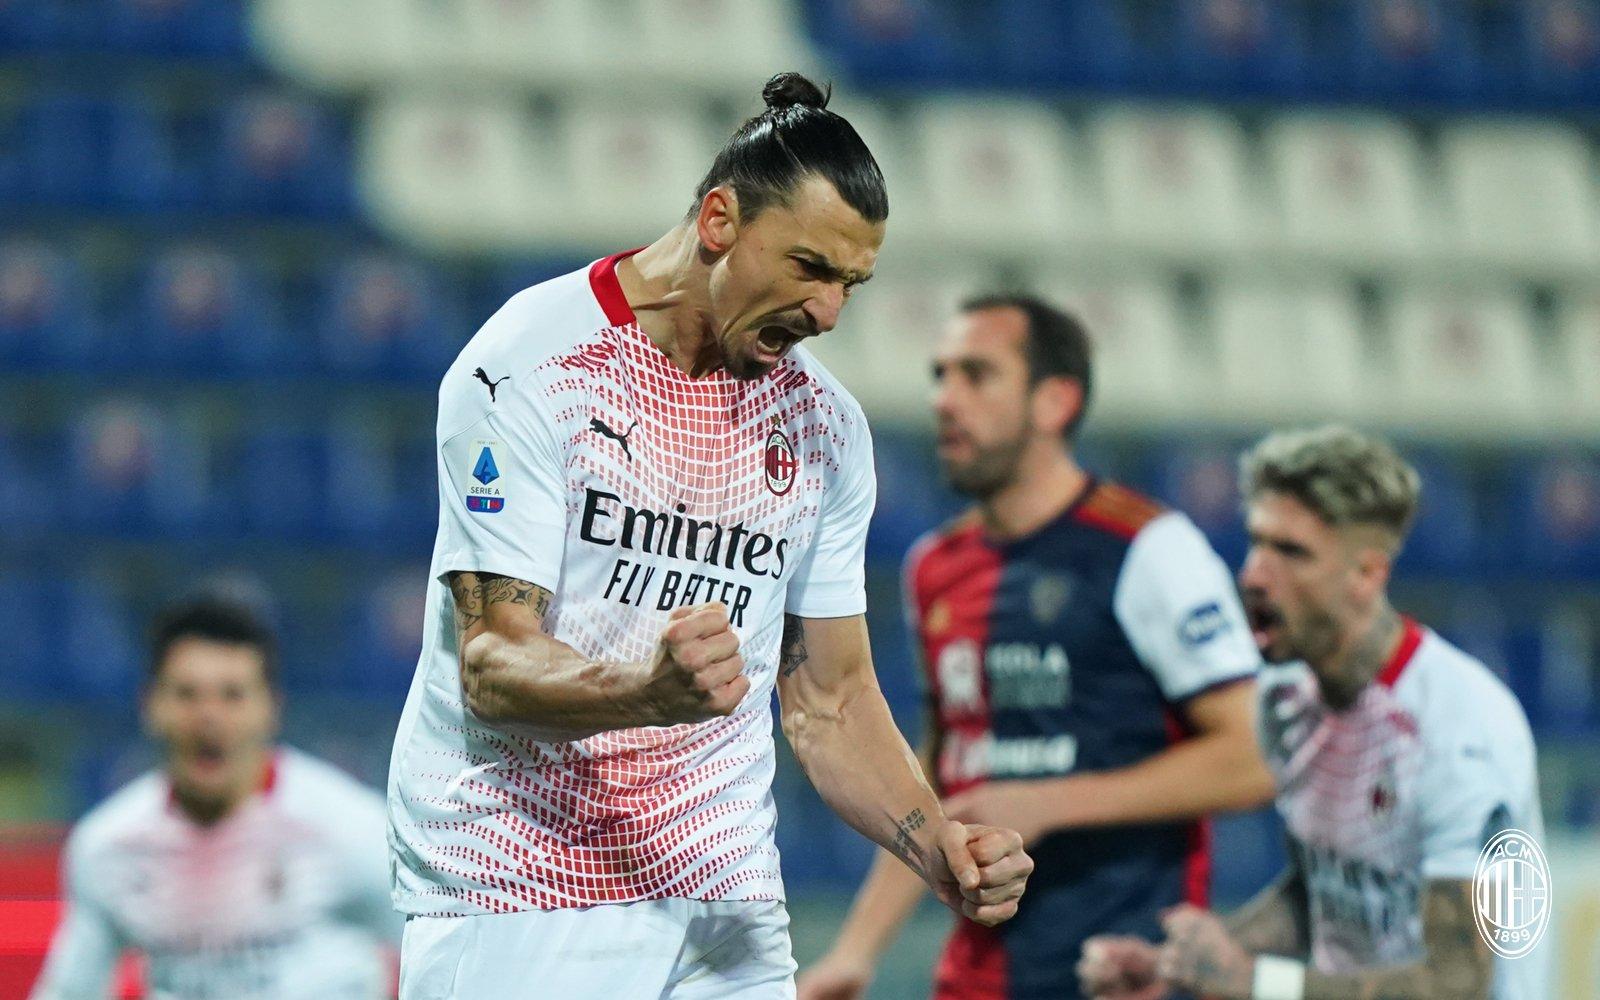 Penyerang AC Milan, Zlatan Ibrahimovic memborong 2 gol kemenangan atas Cagliari di Liga Italia Serie A, Selasa (19/01/2021)